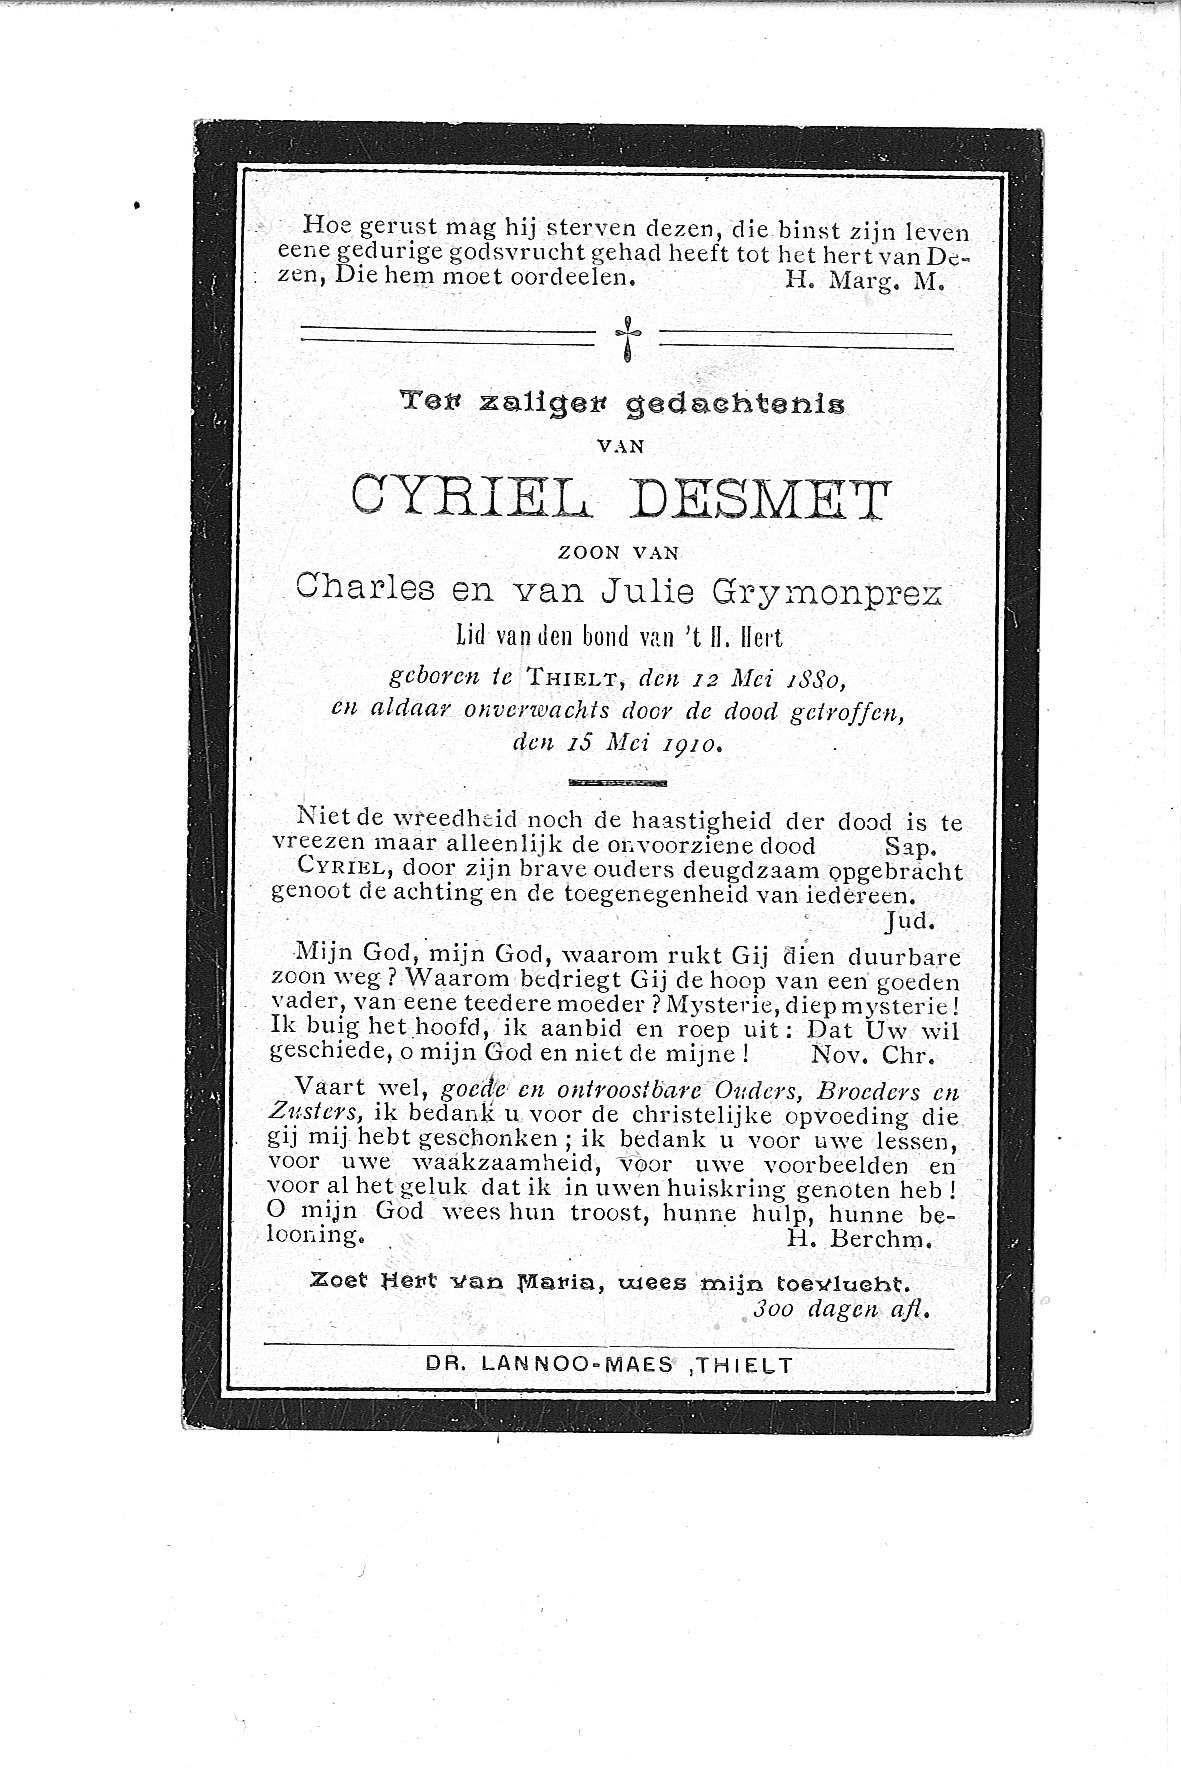 Cyriel (1910) 20120504162509_00025.jpg